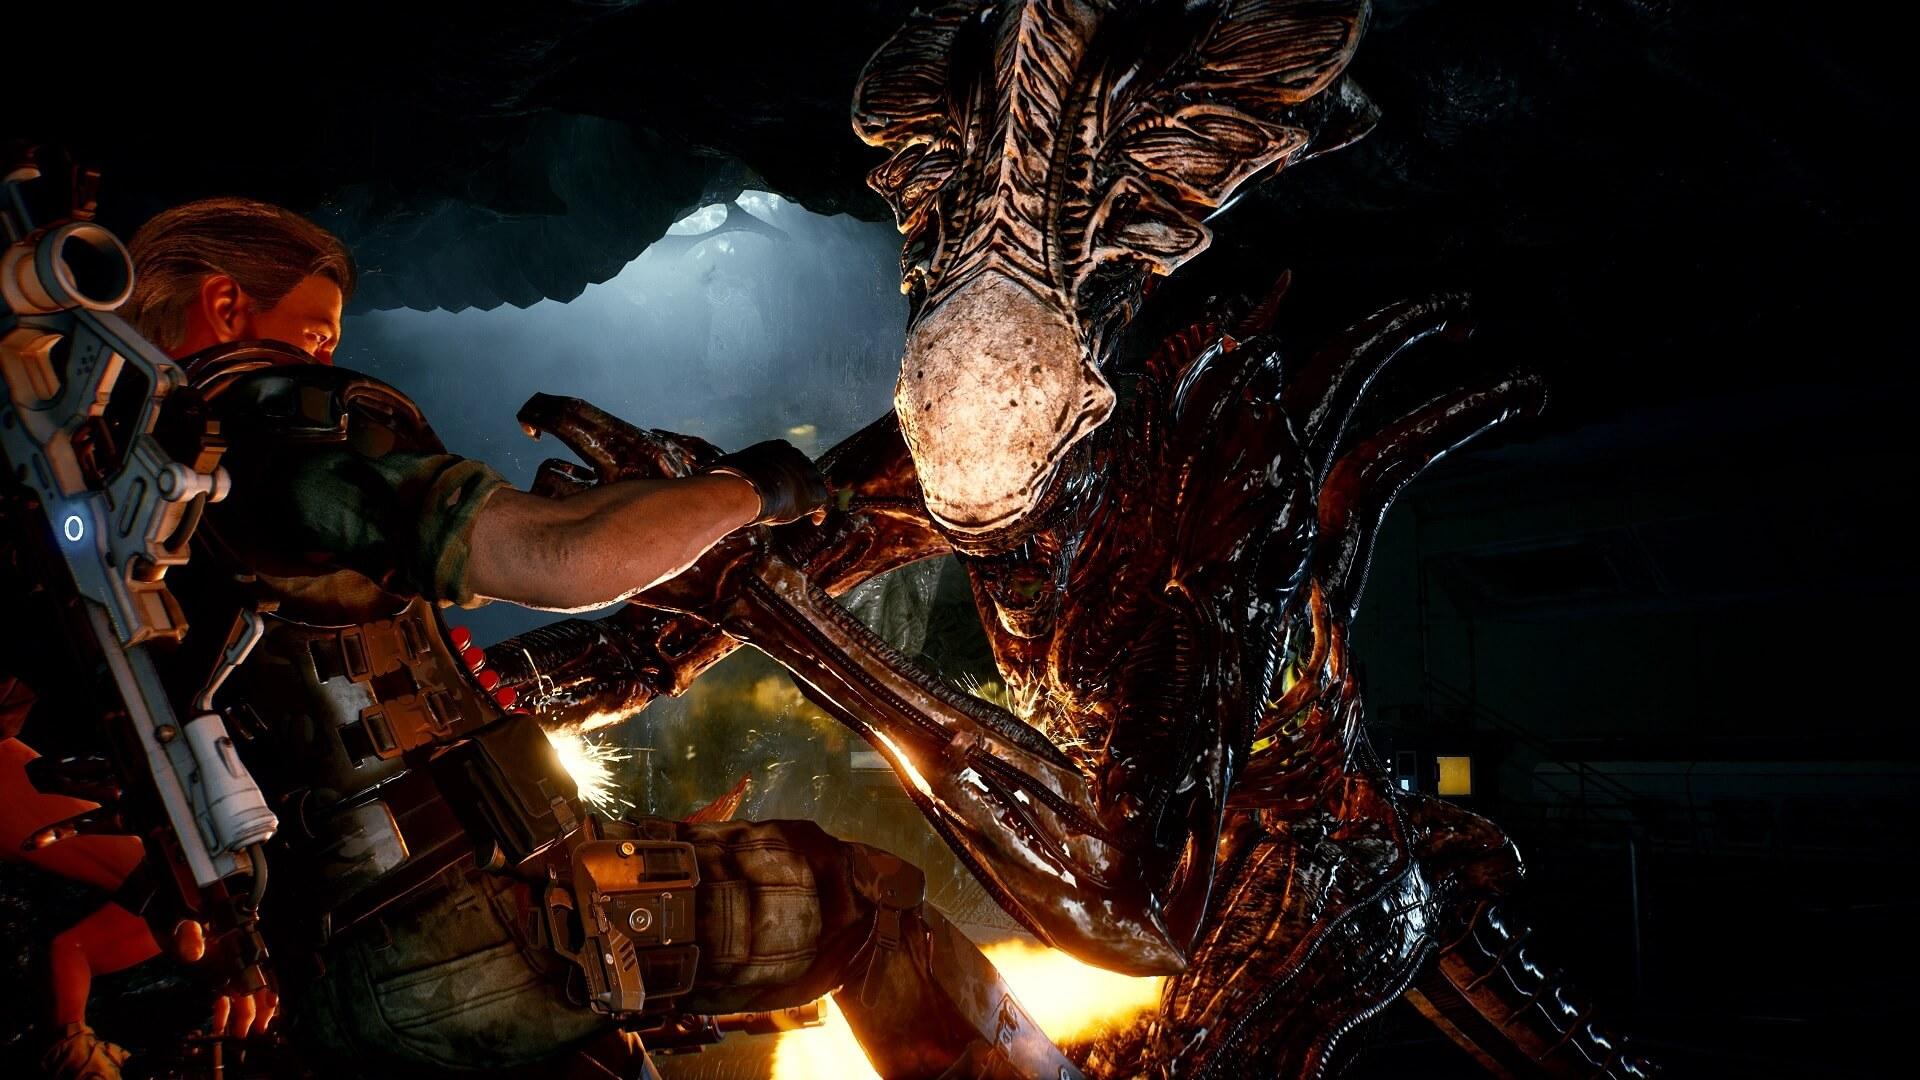 Aliens: Fireteam presenta a seis tipos de xenomorfos